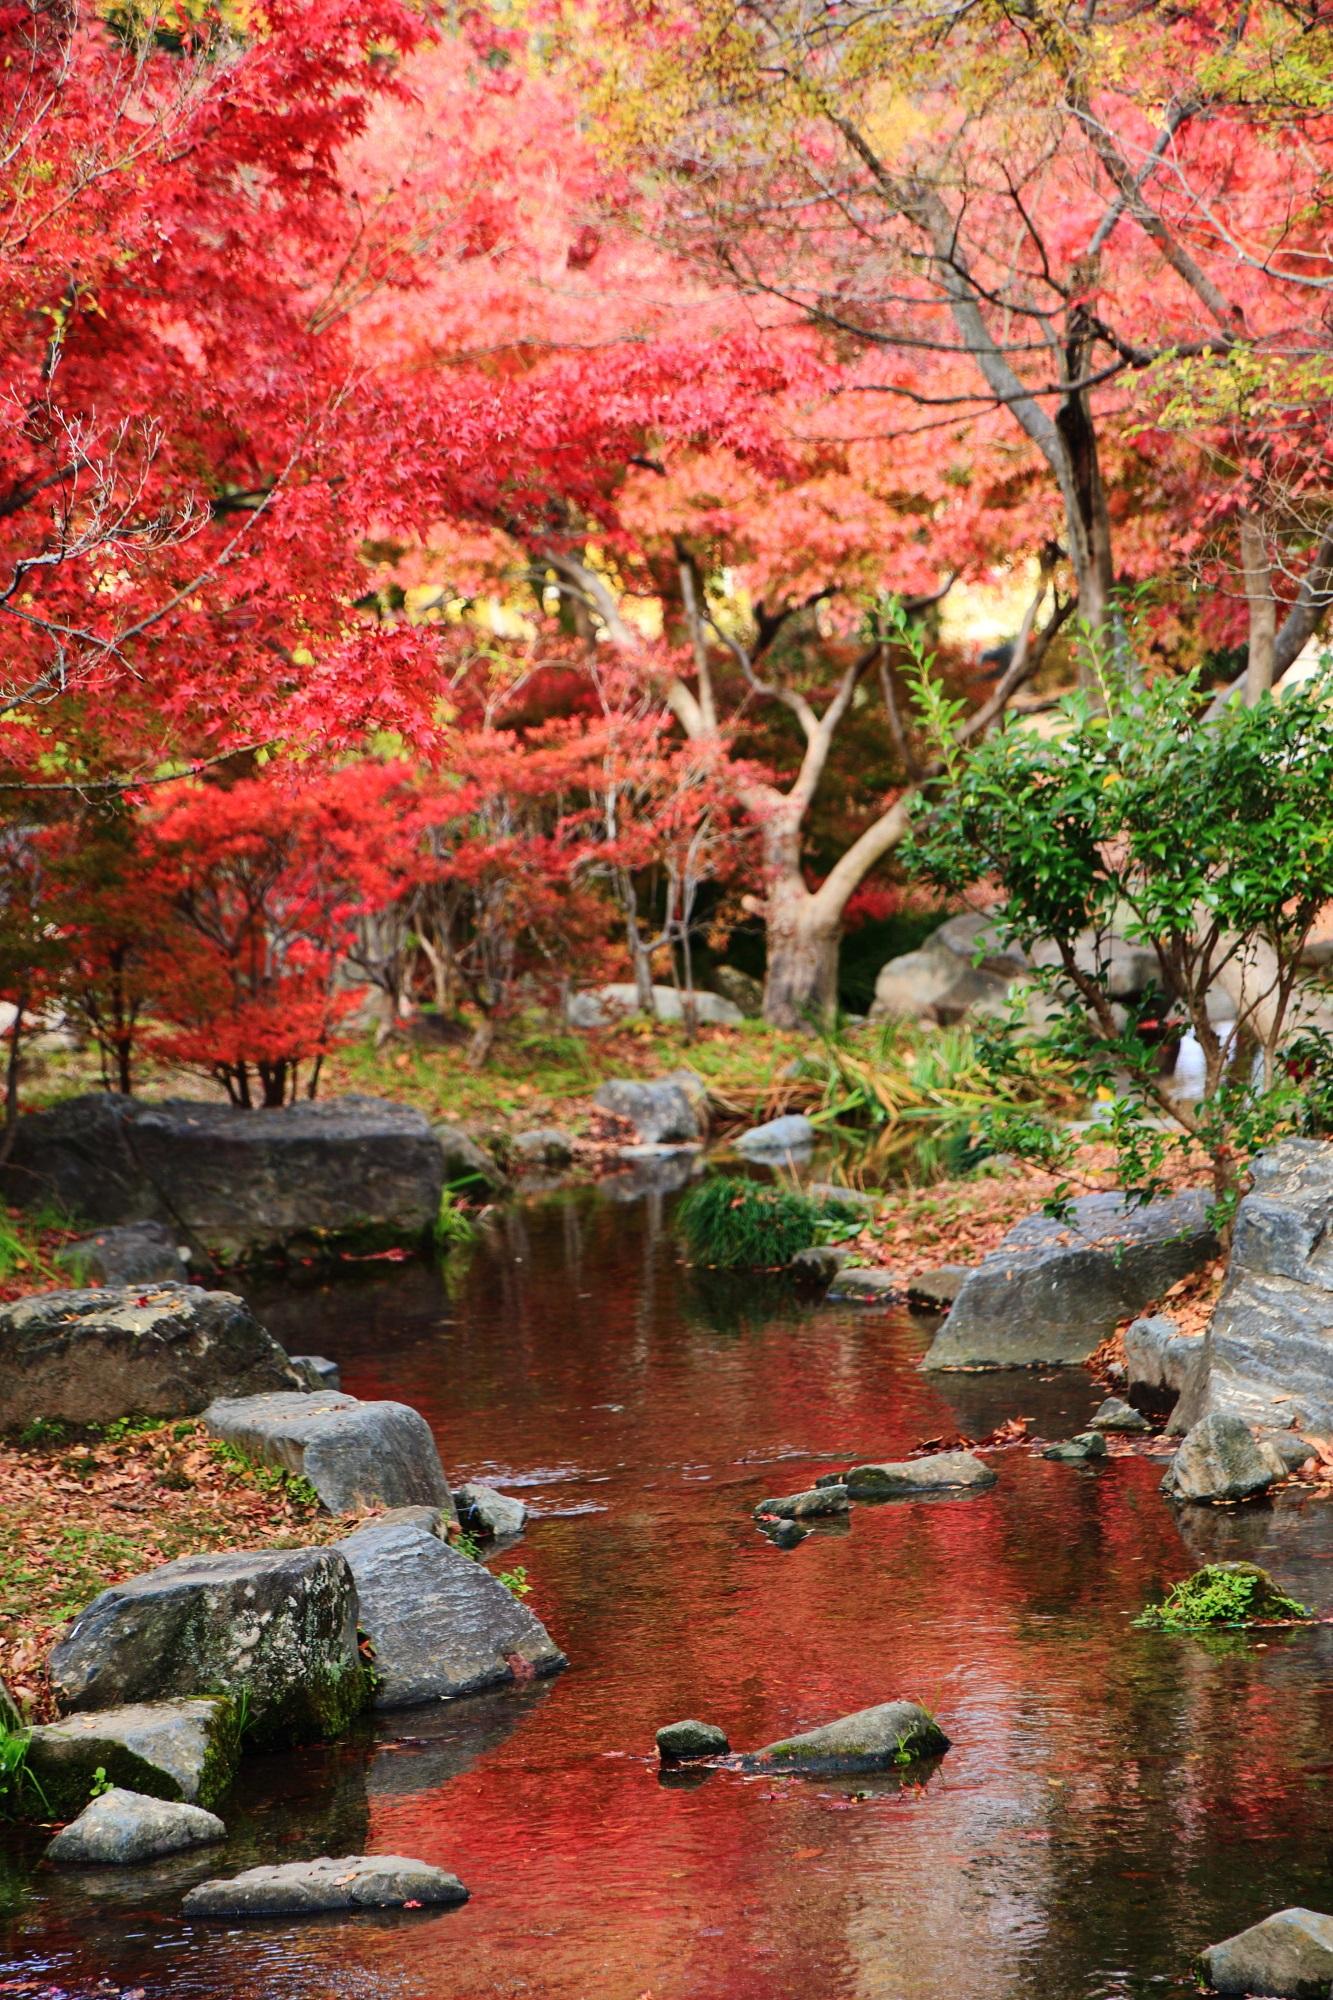 梅小路公園の見ごろの華やかな紅葉と綺麗な水鏡